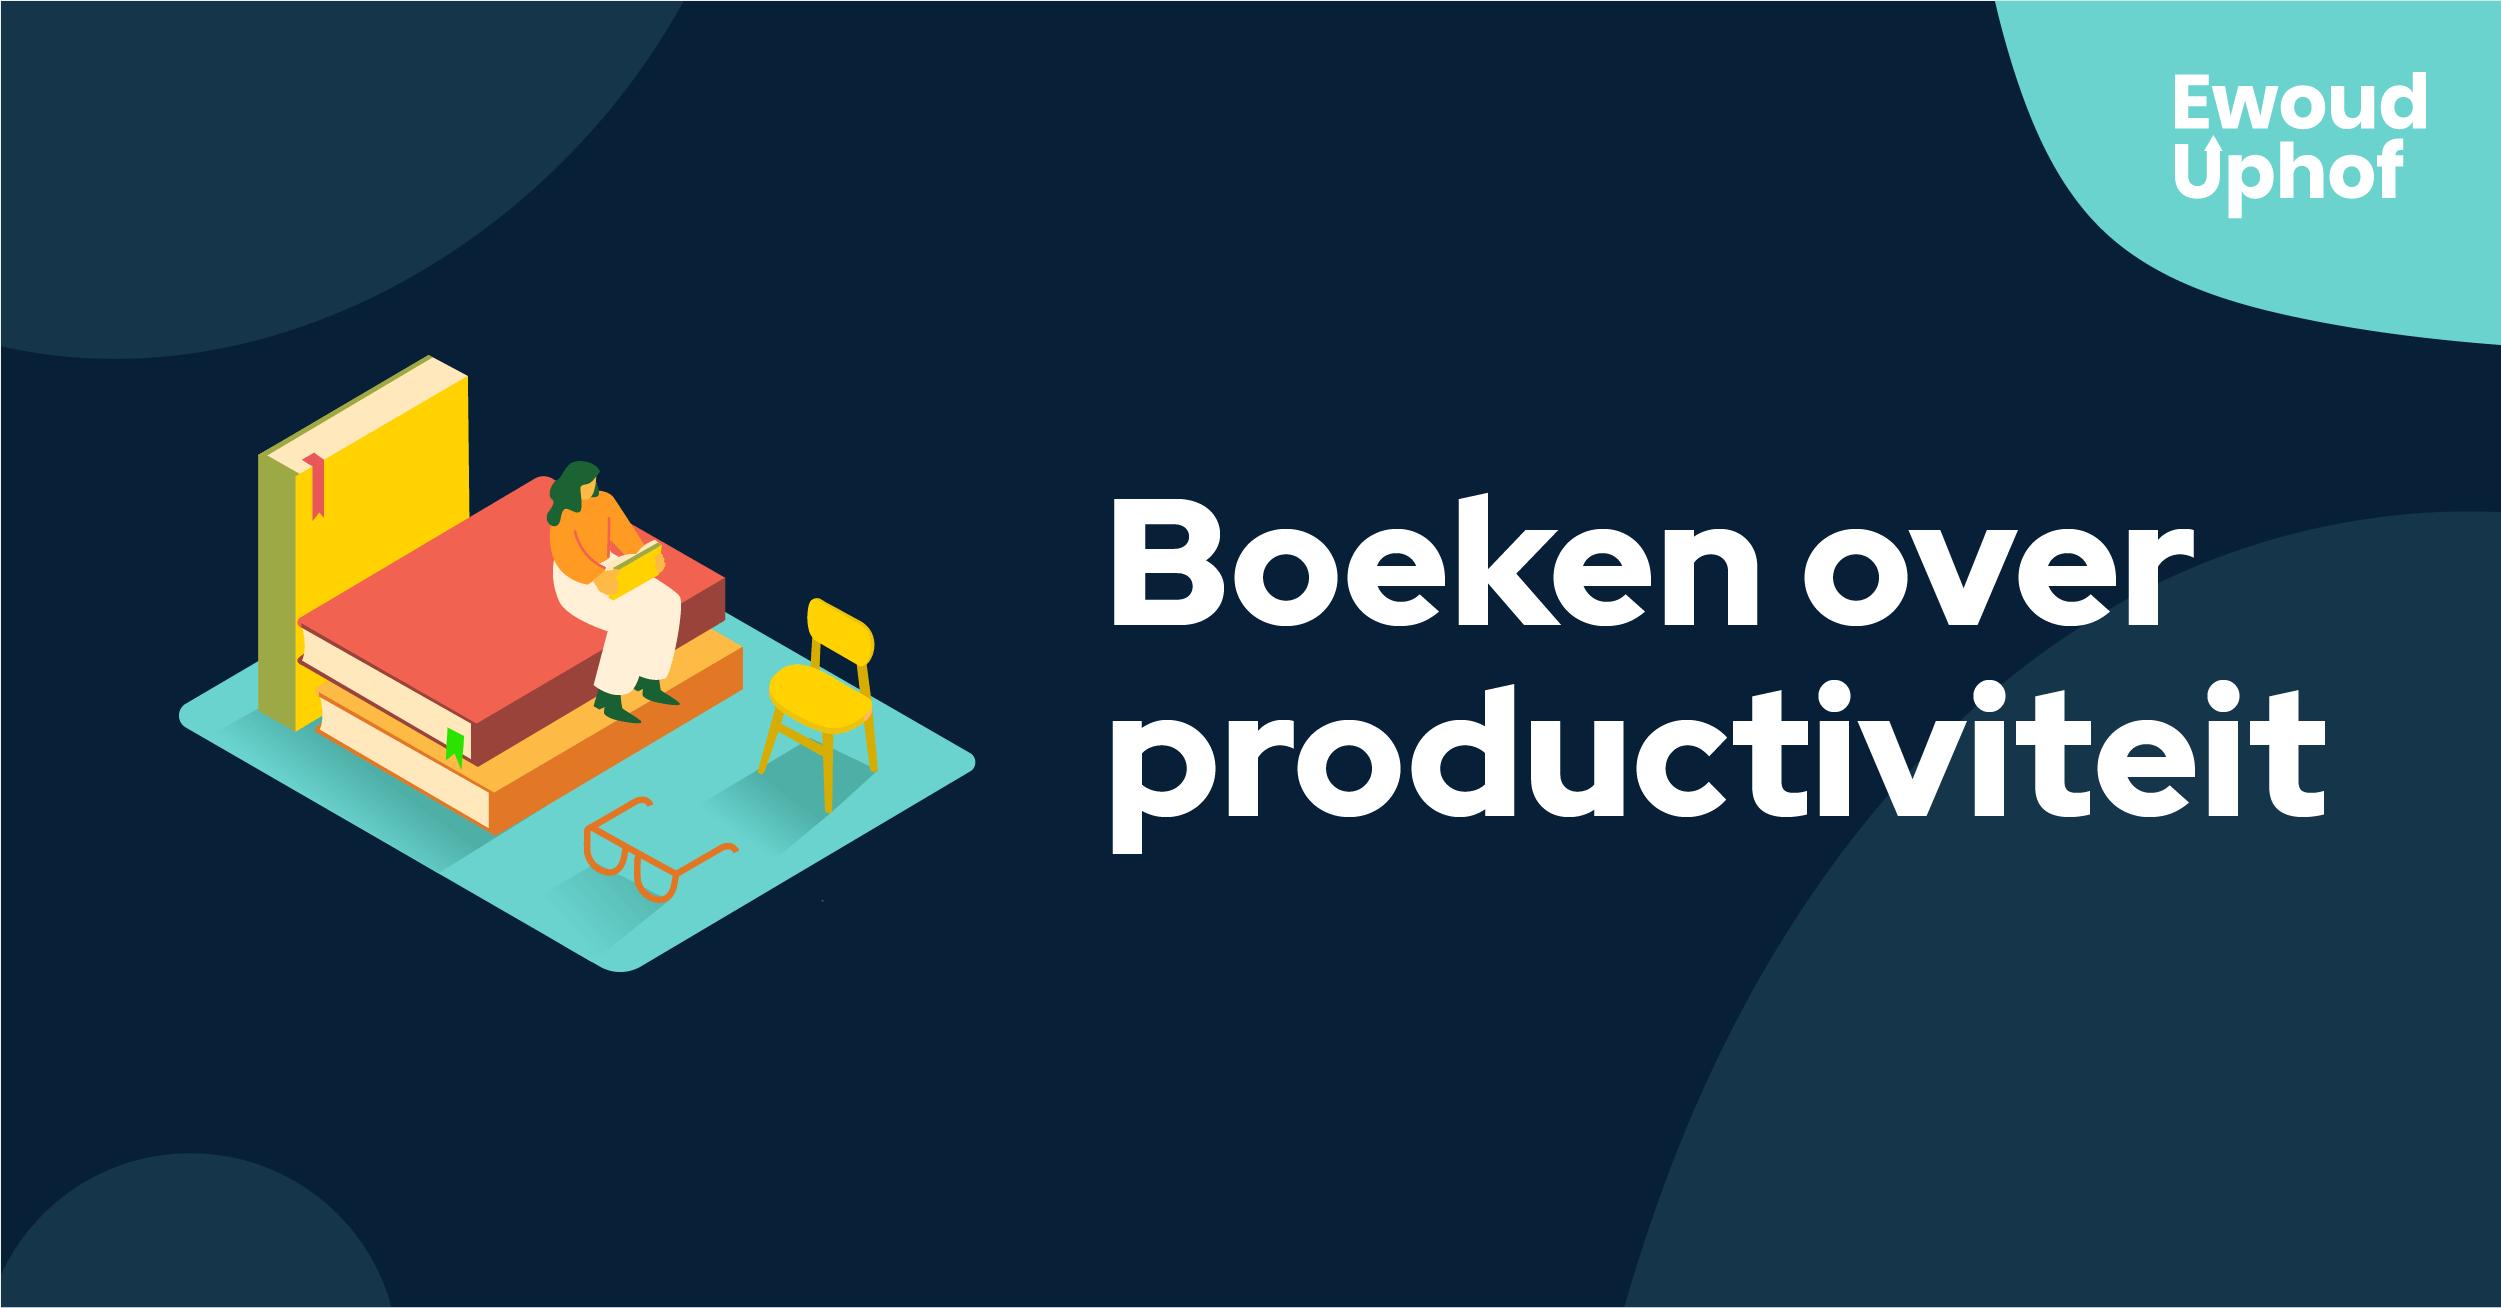 Boeken over productiviteit